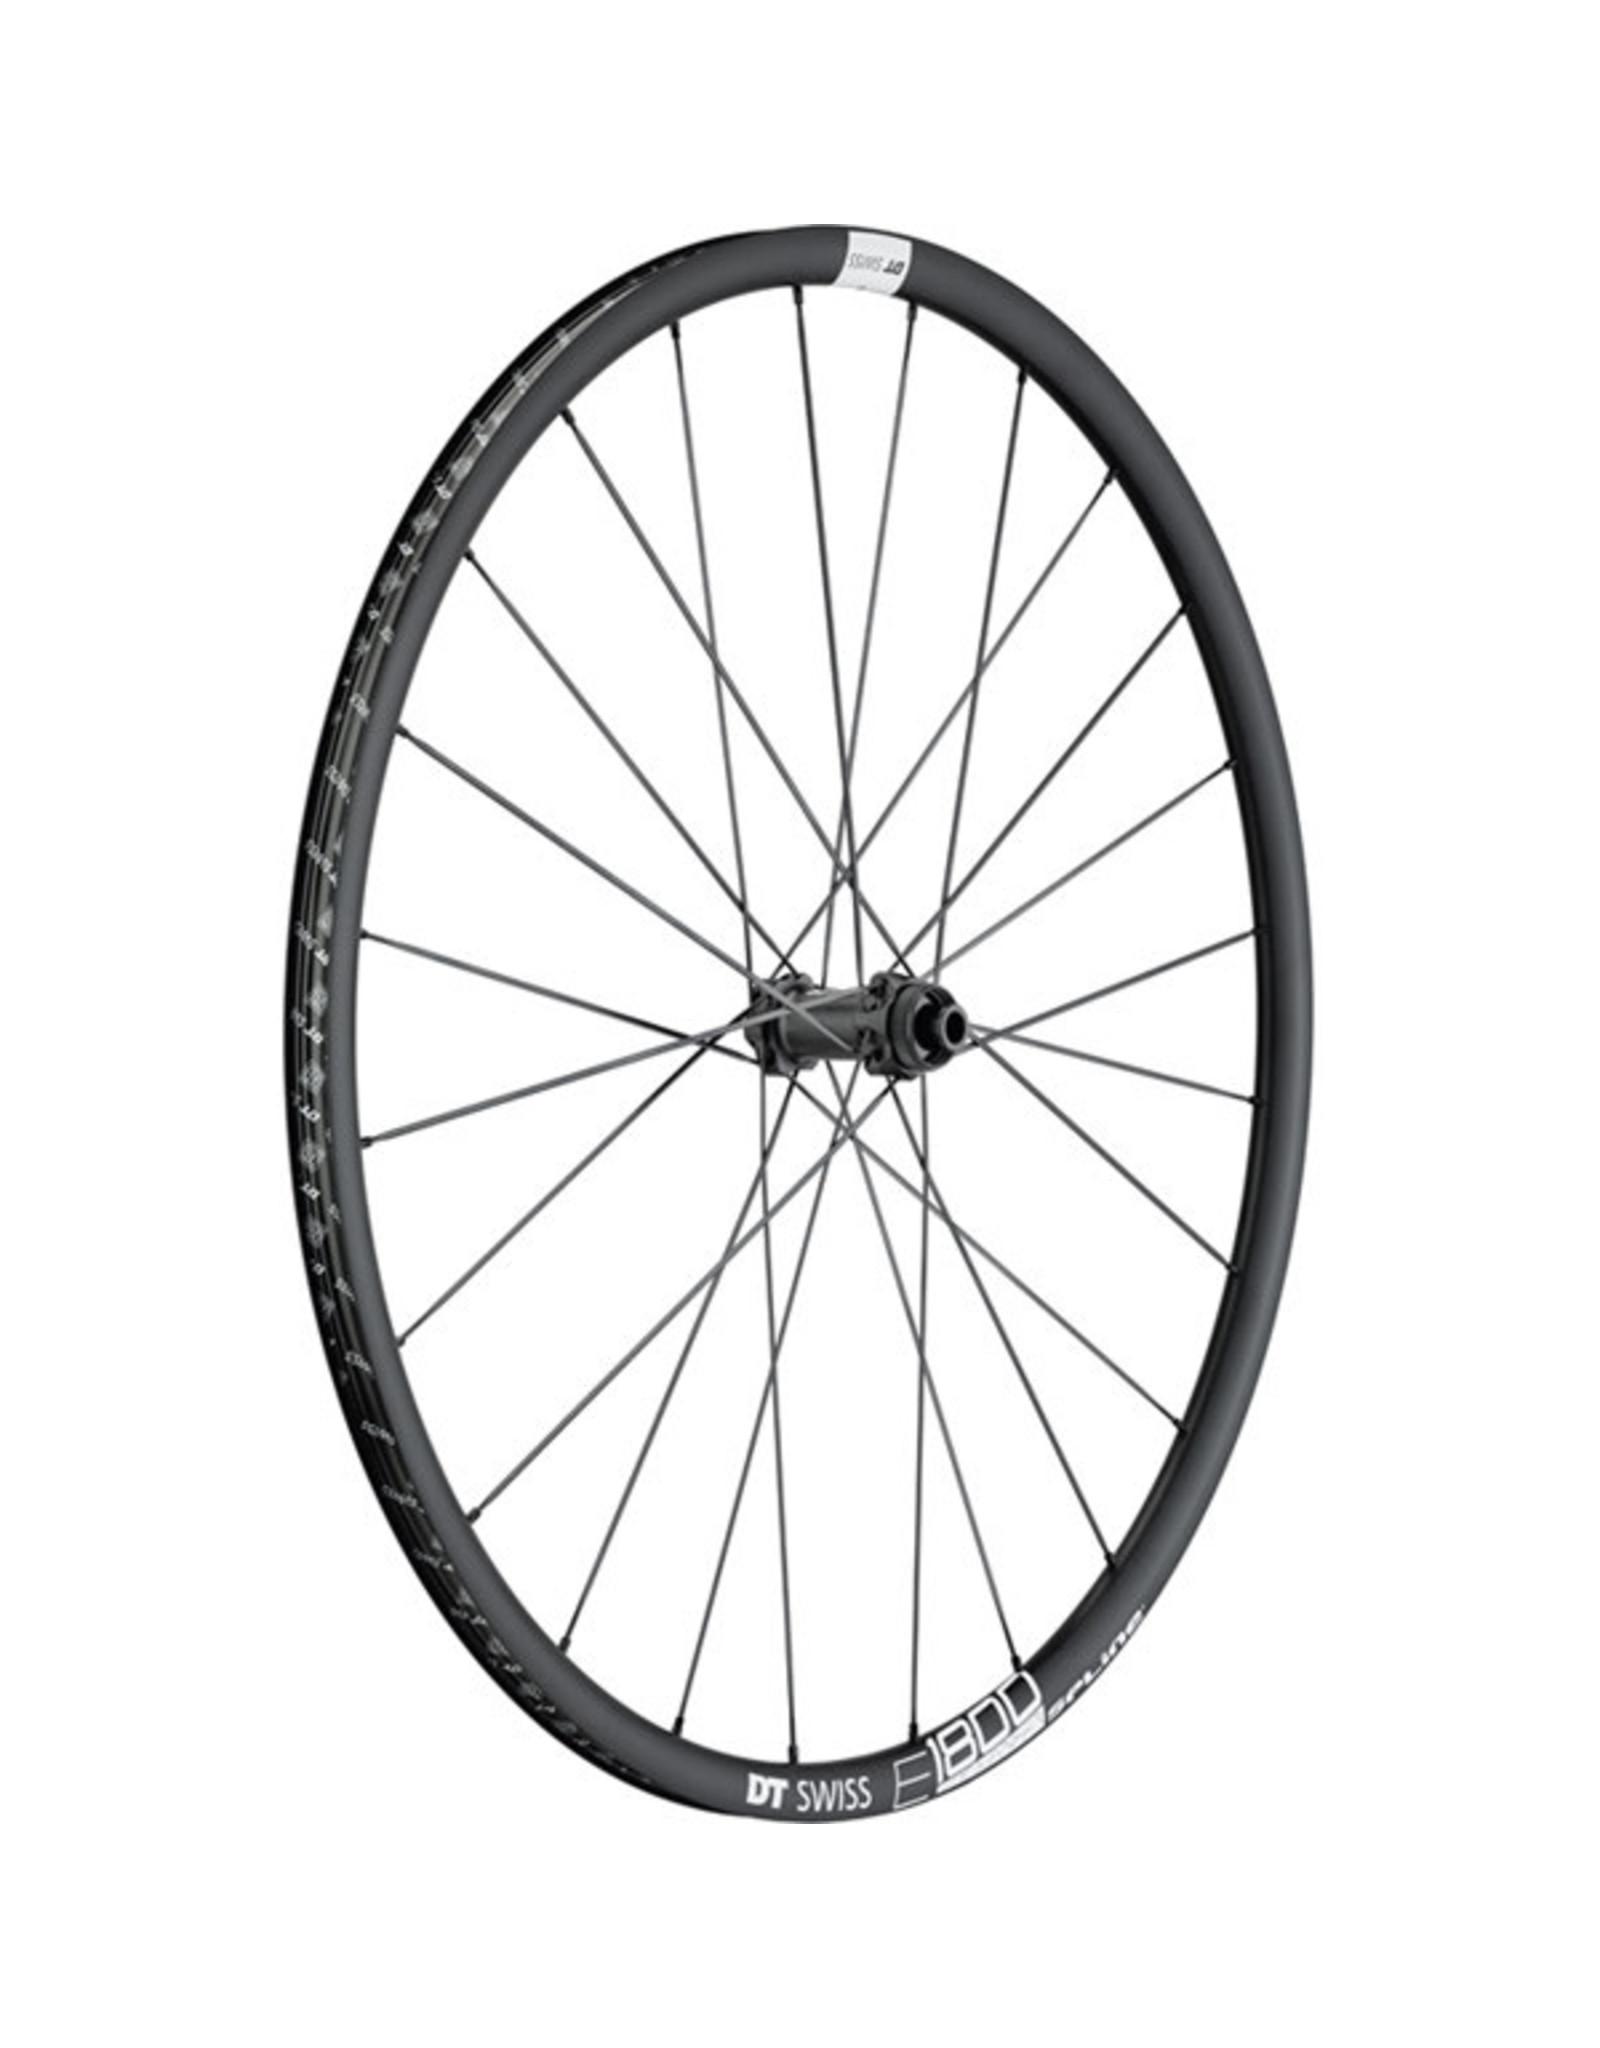 DT Swiss Wheel Disc Brake E1800